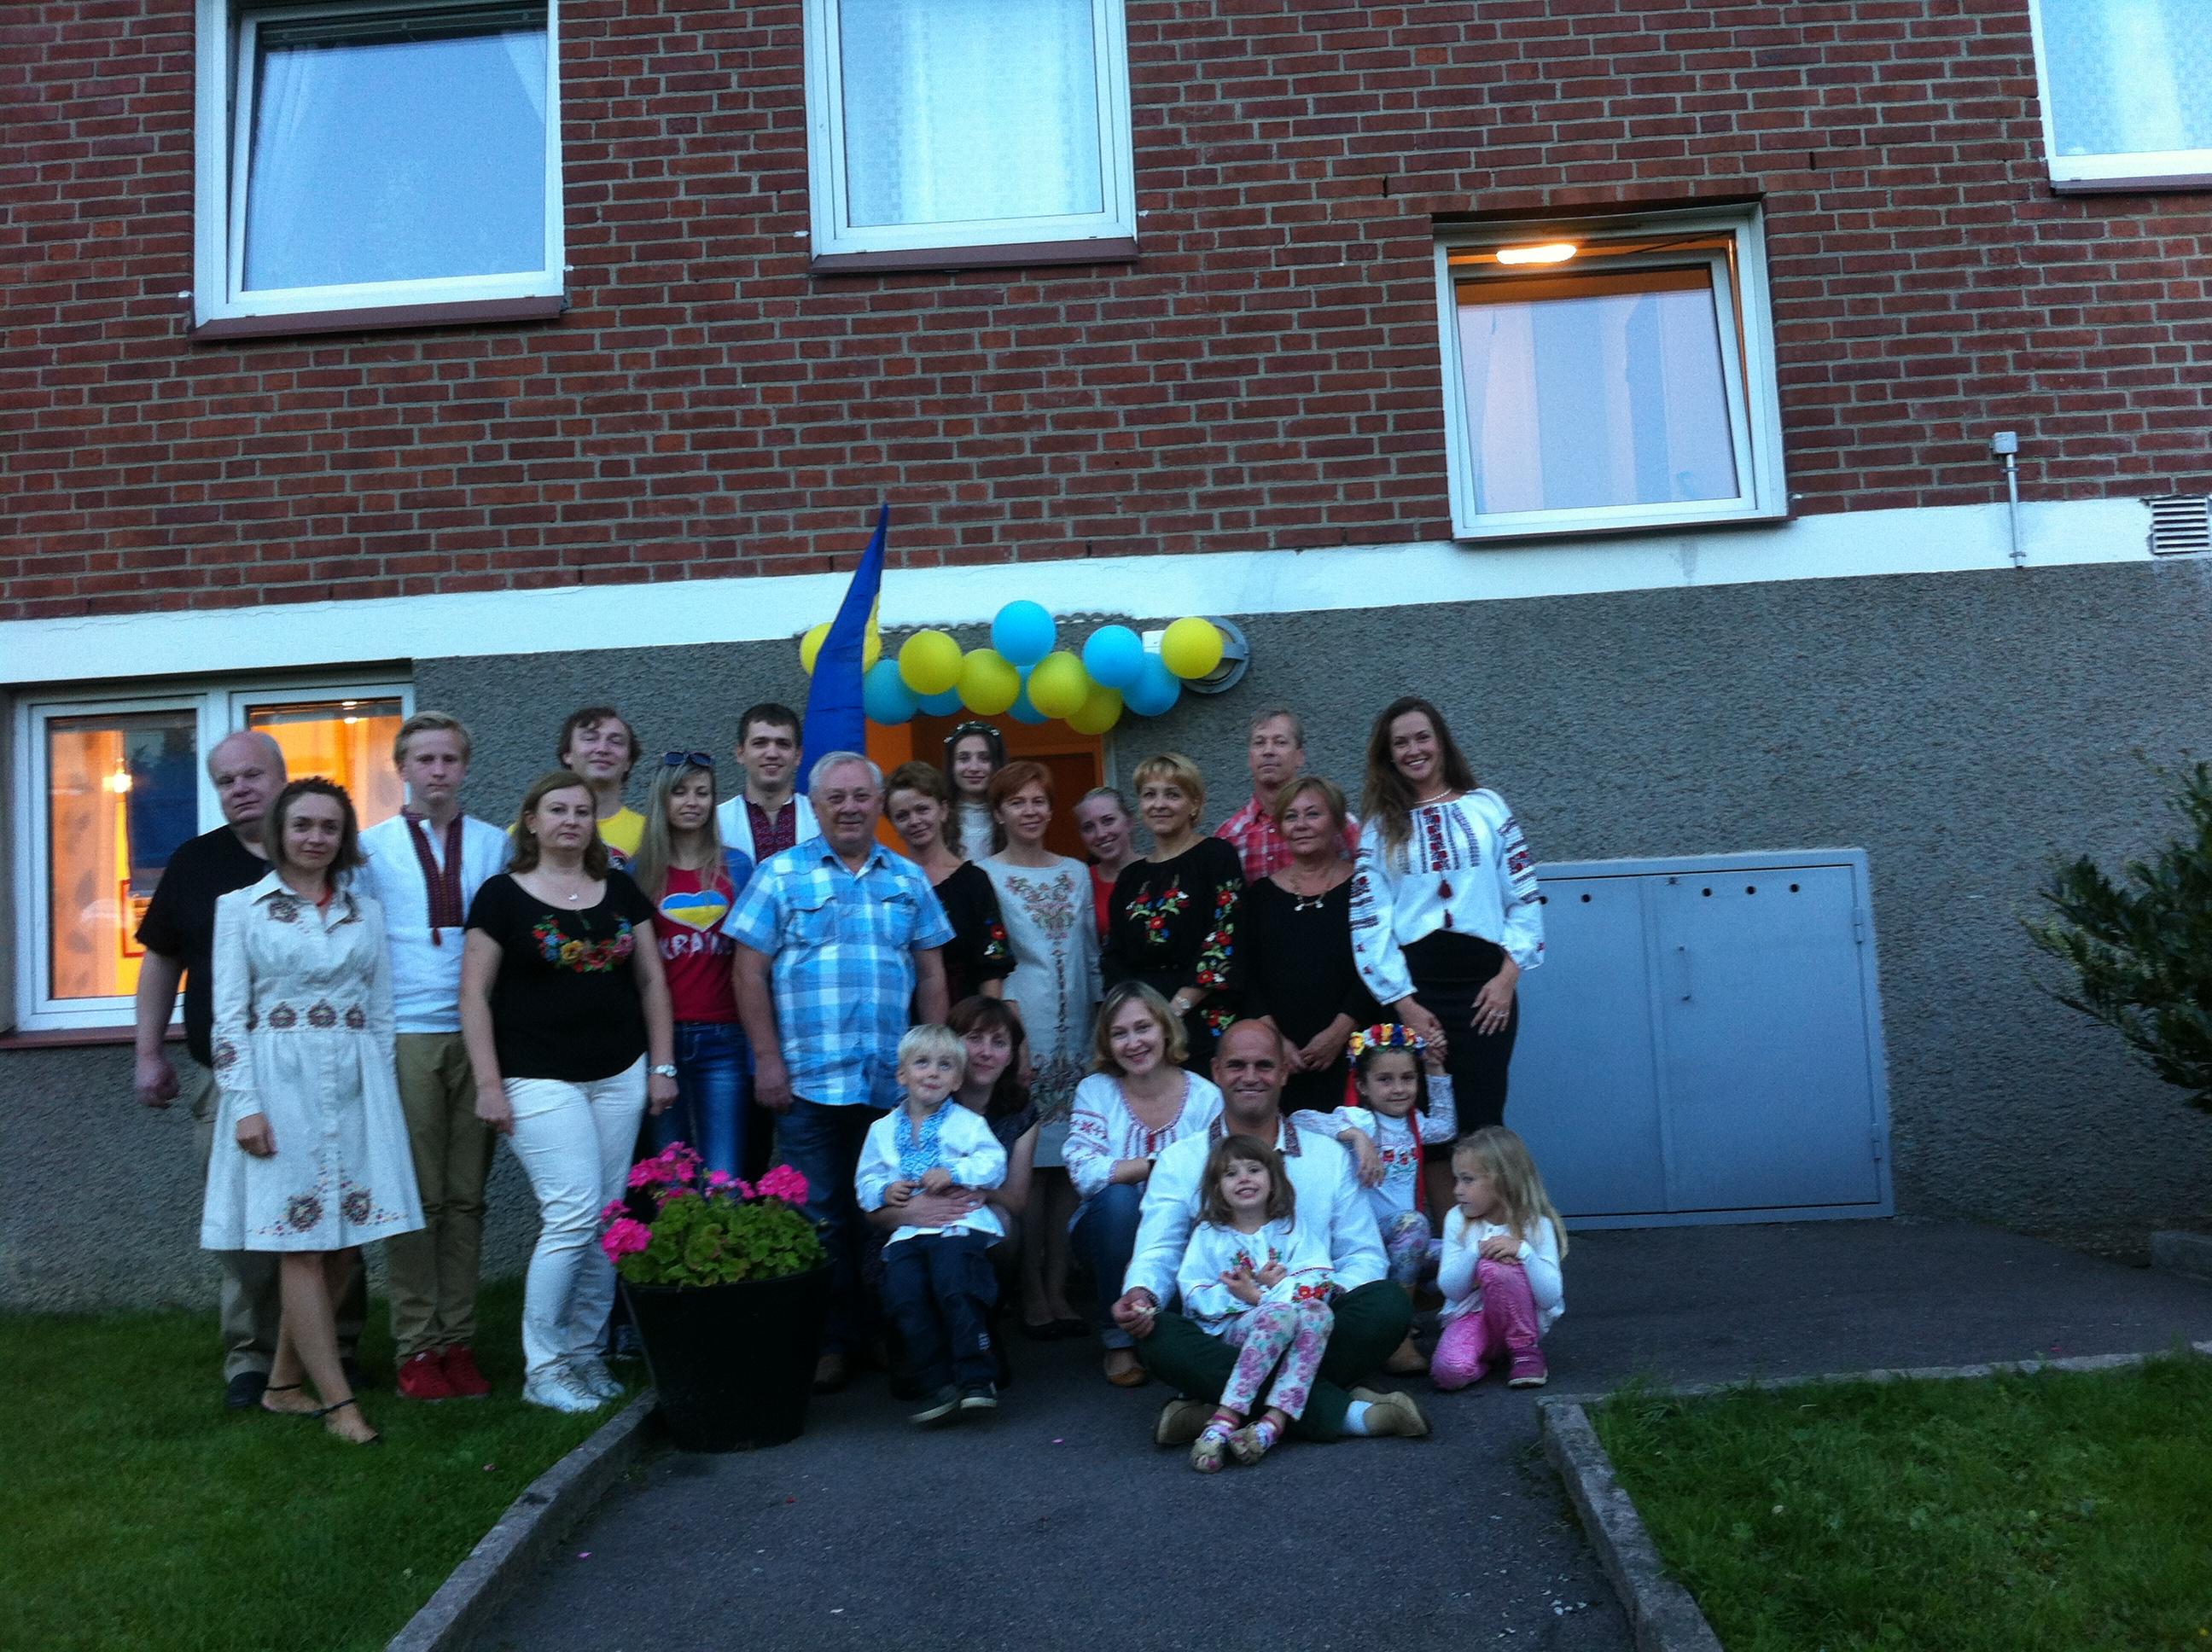 långt hår ukrainare oralsex i Göteborg